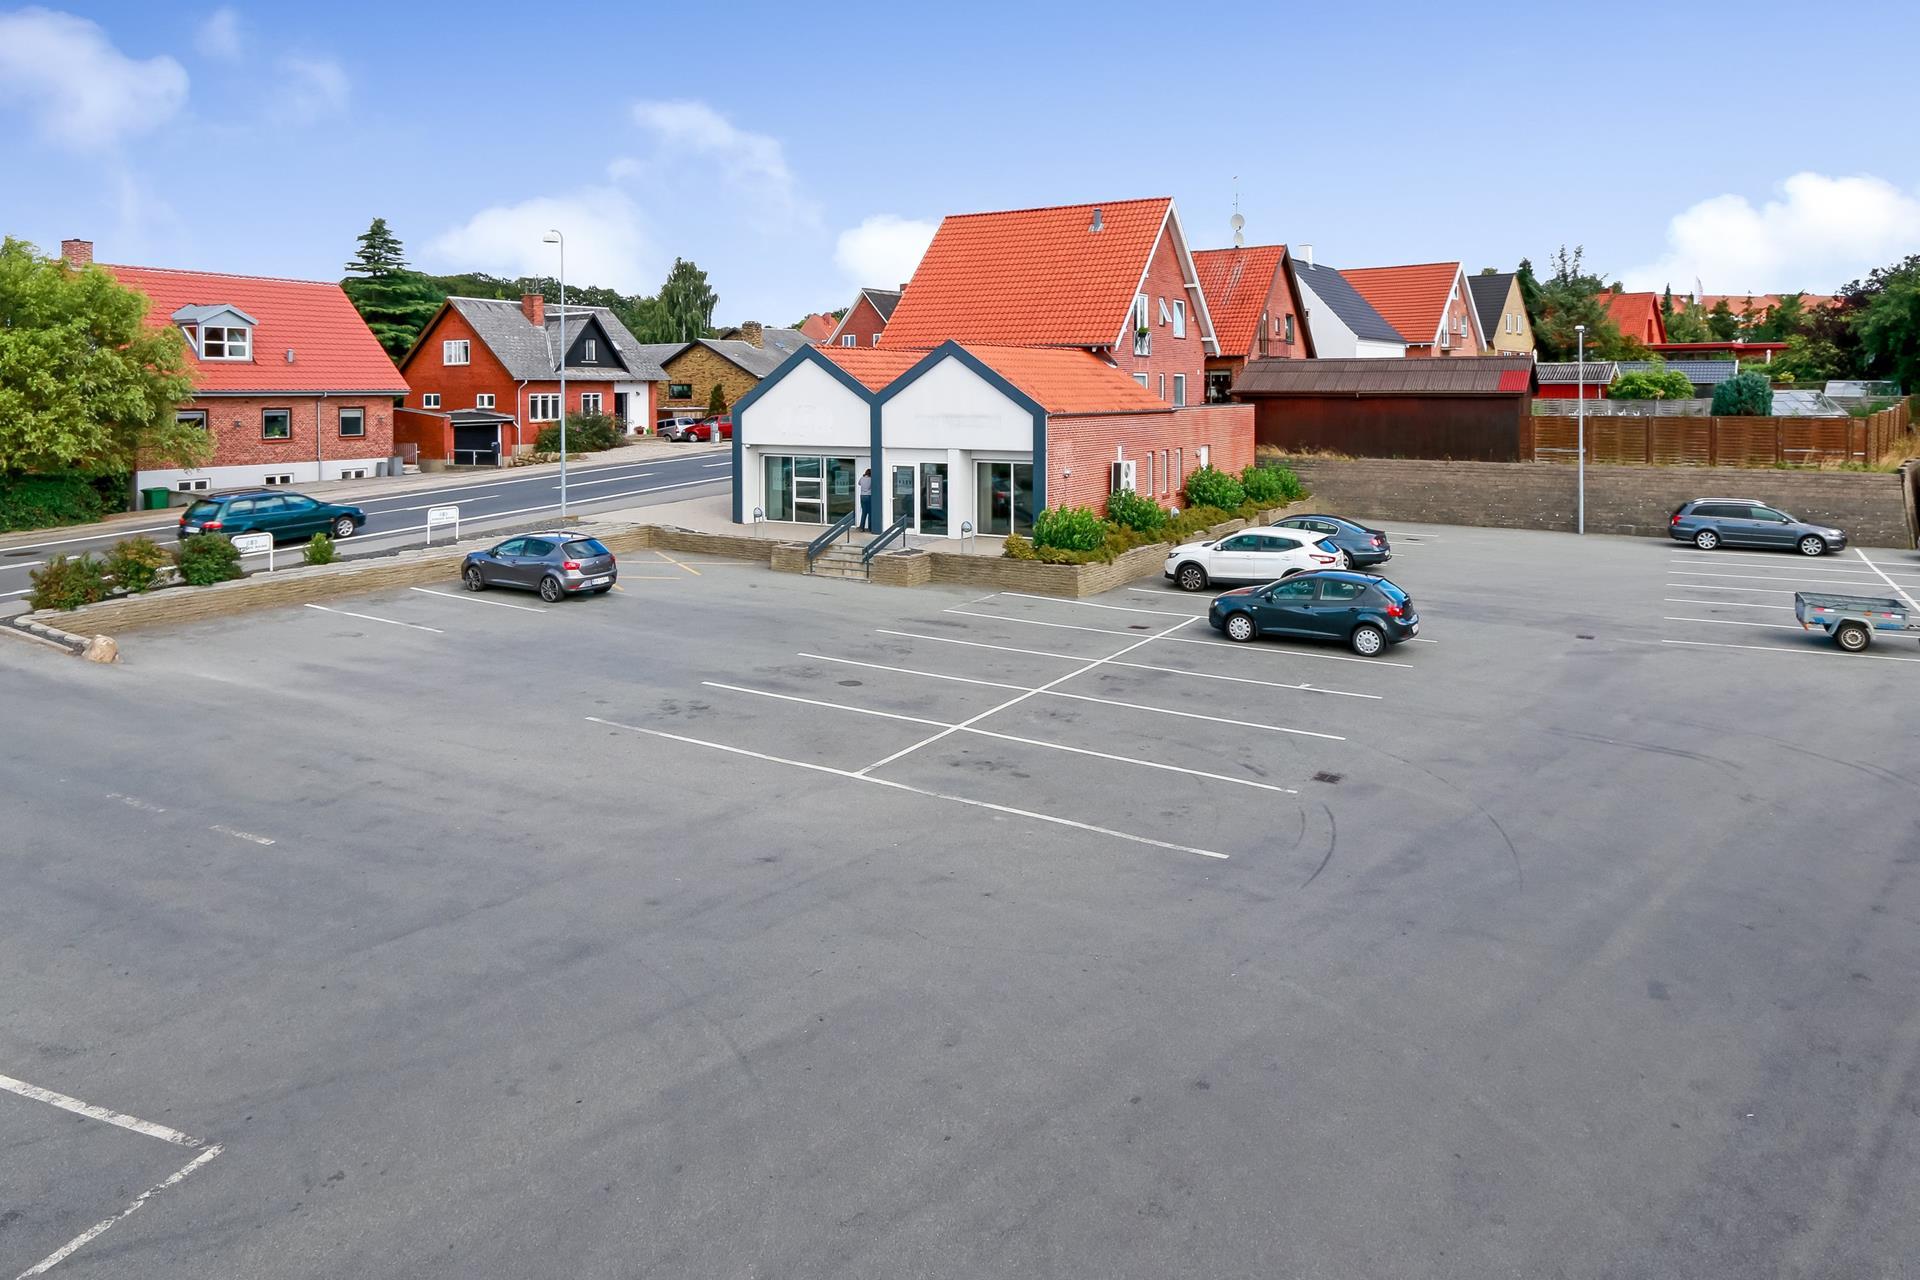 Bolig/erhverv på Mølmarksvej i Svendborg - Ejendommen